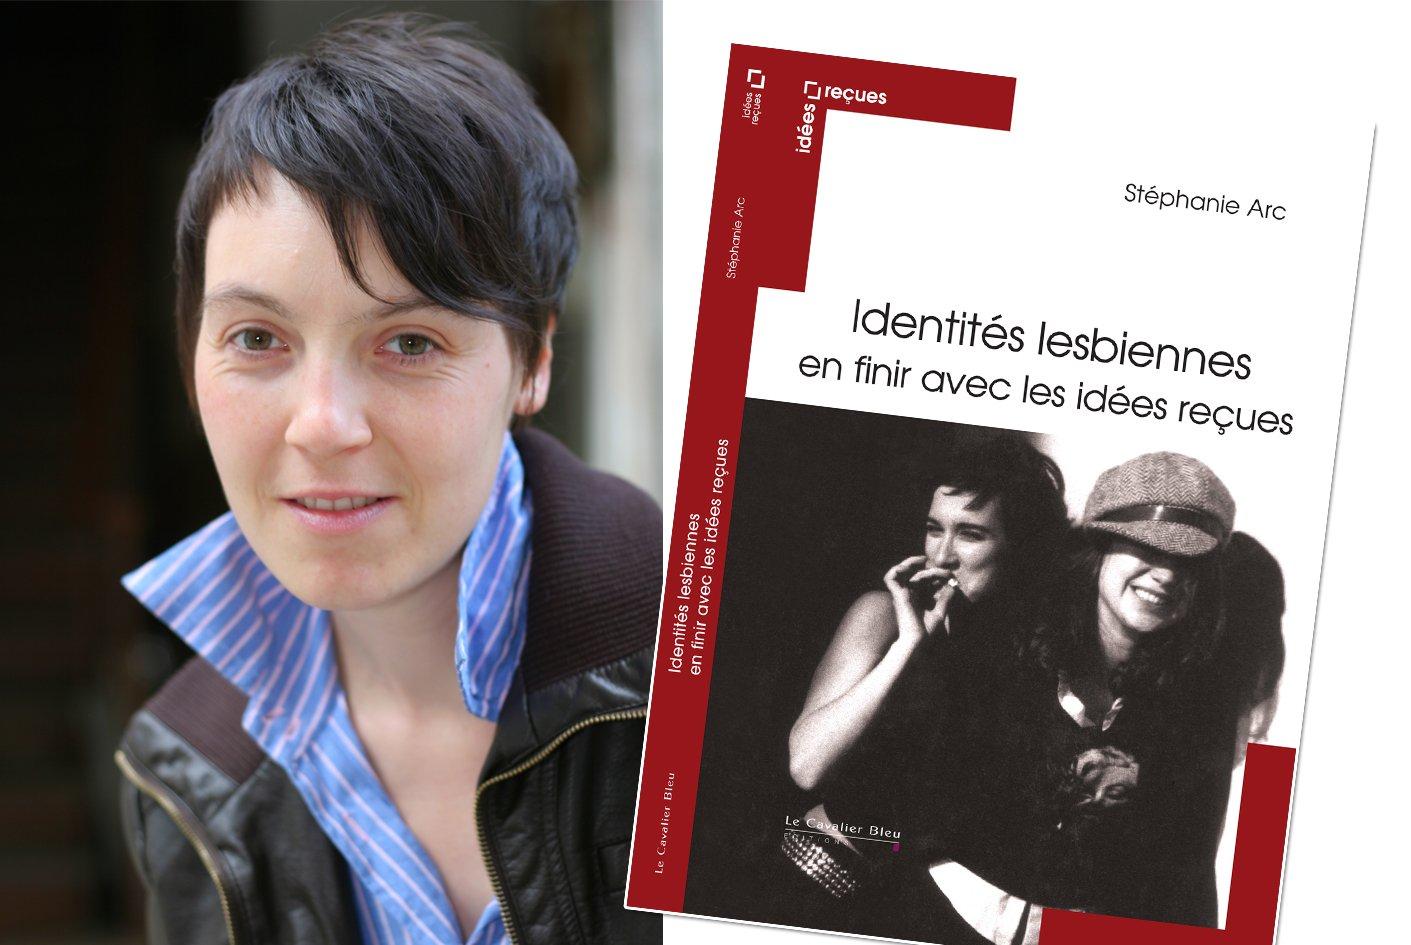 Stéphanie Arc tord le cou aux clichés sur les lesbiennes